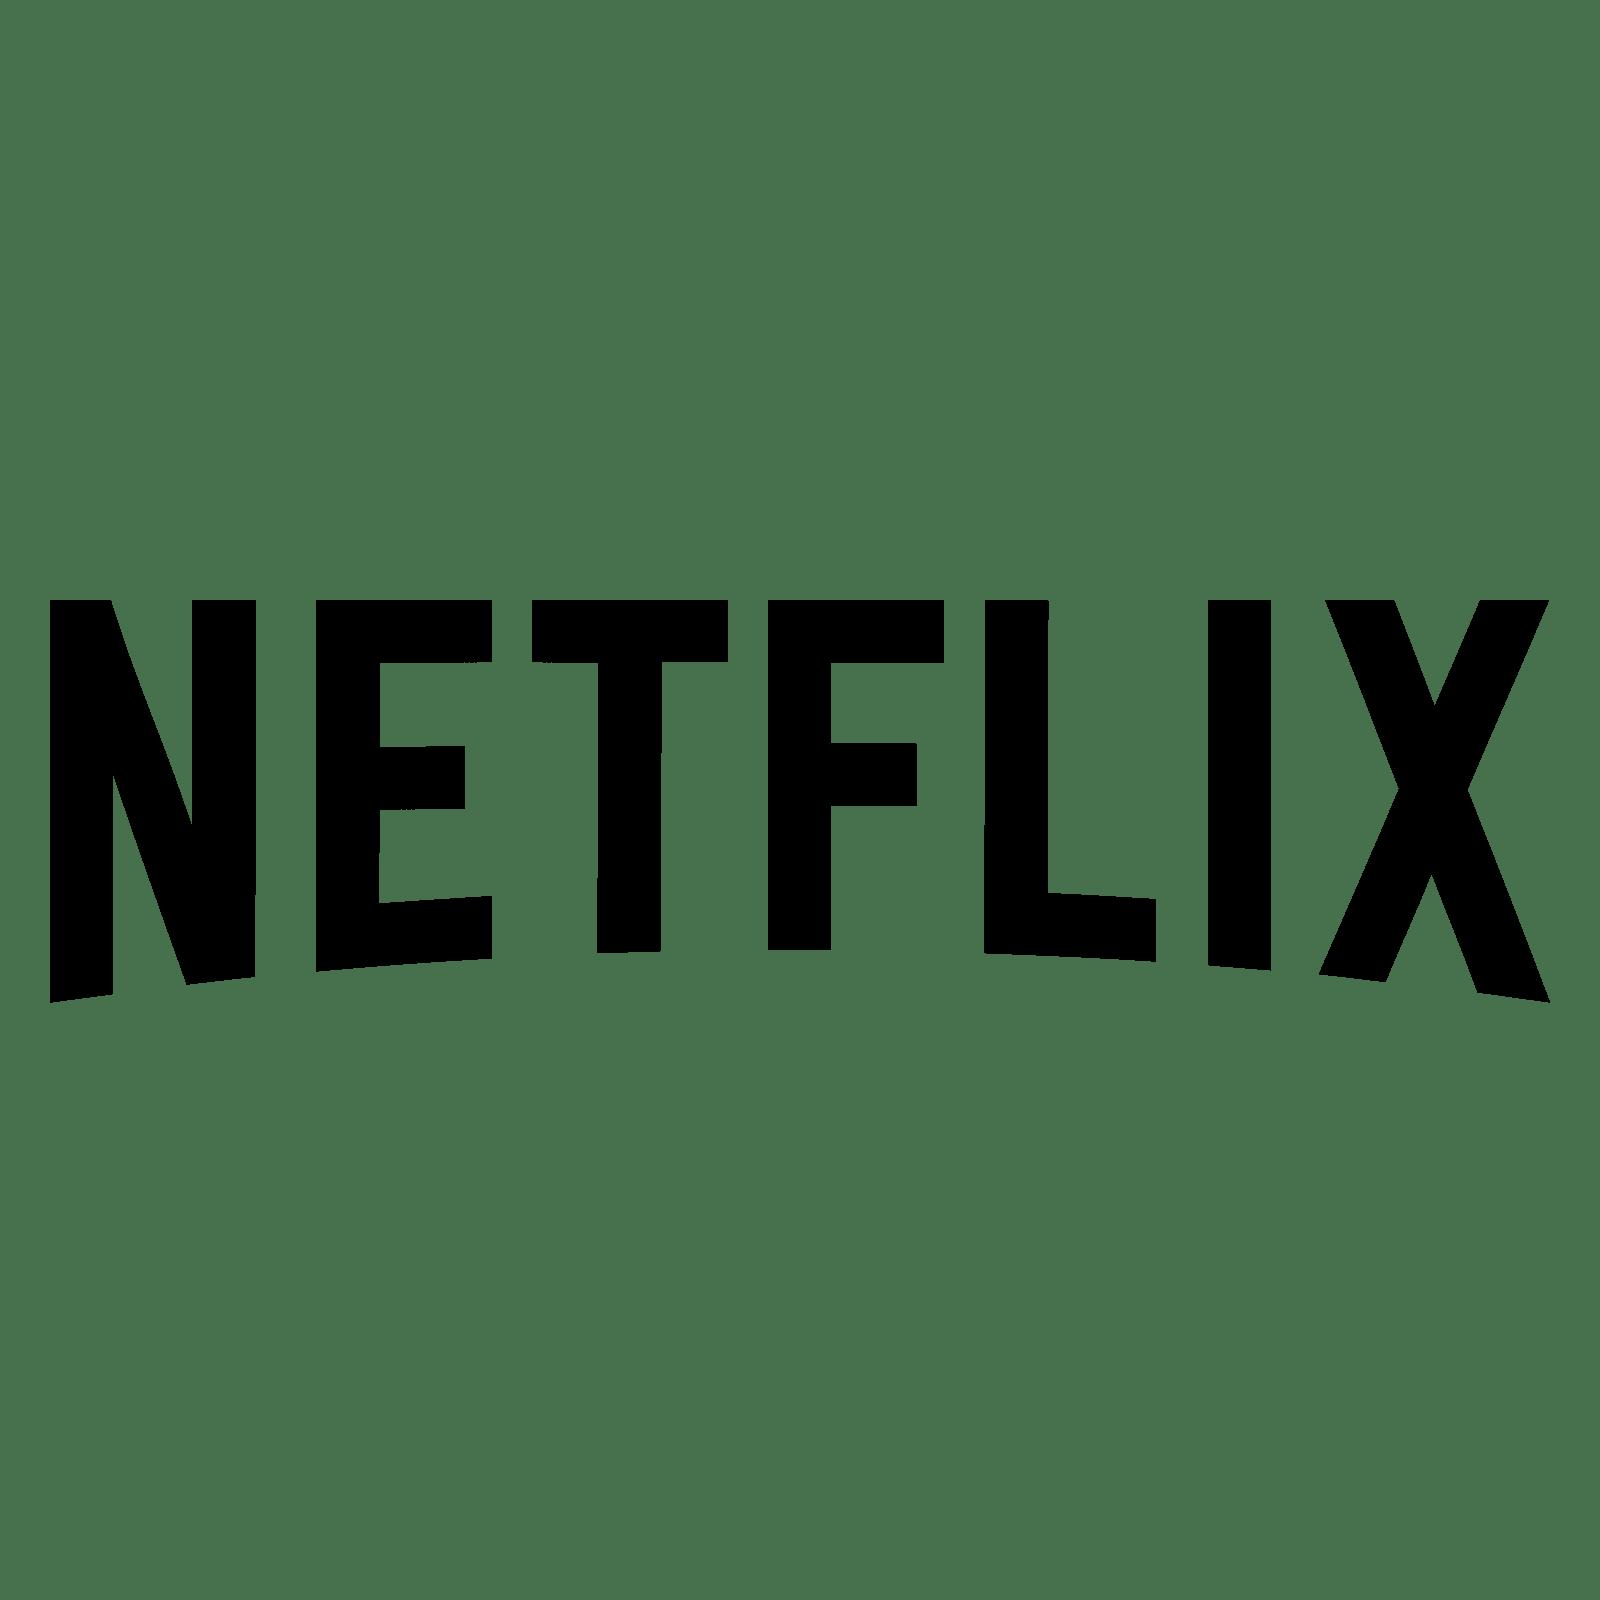 NetflixTransparentClient